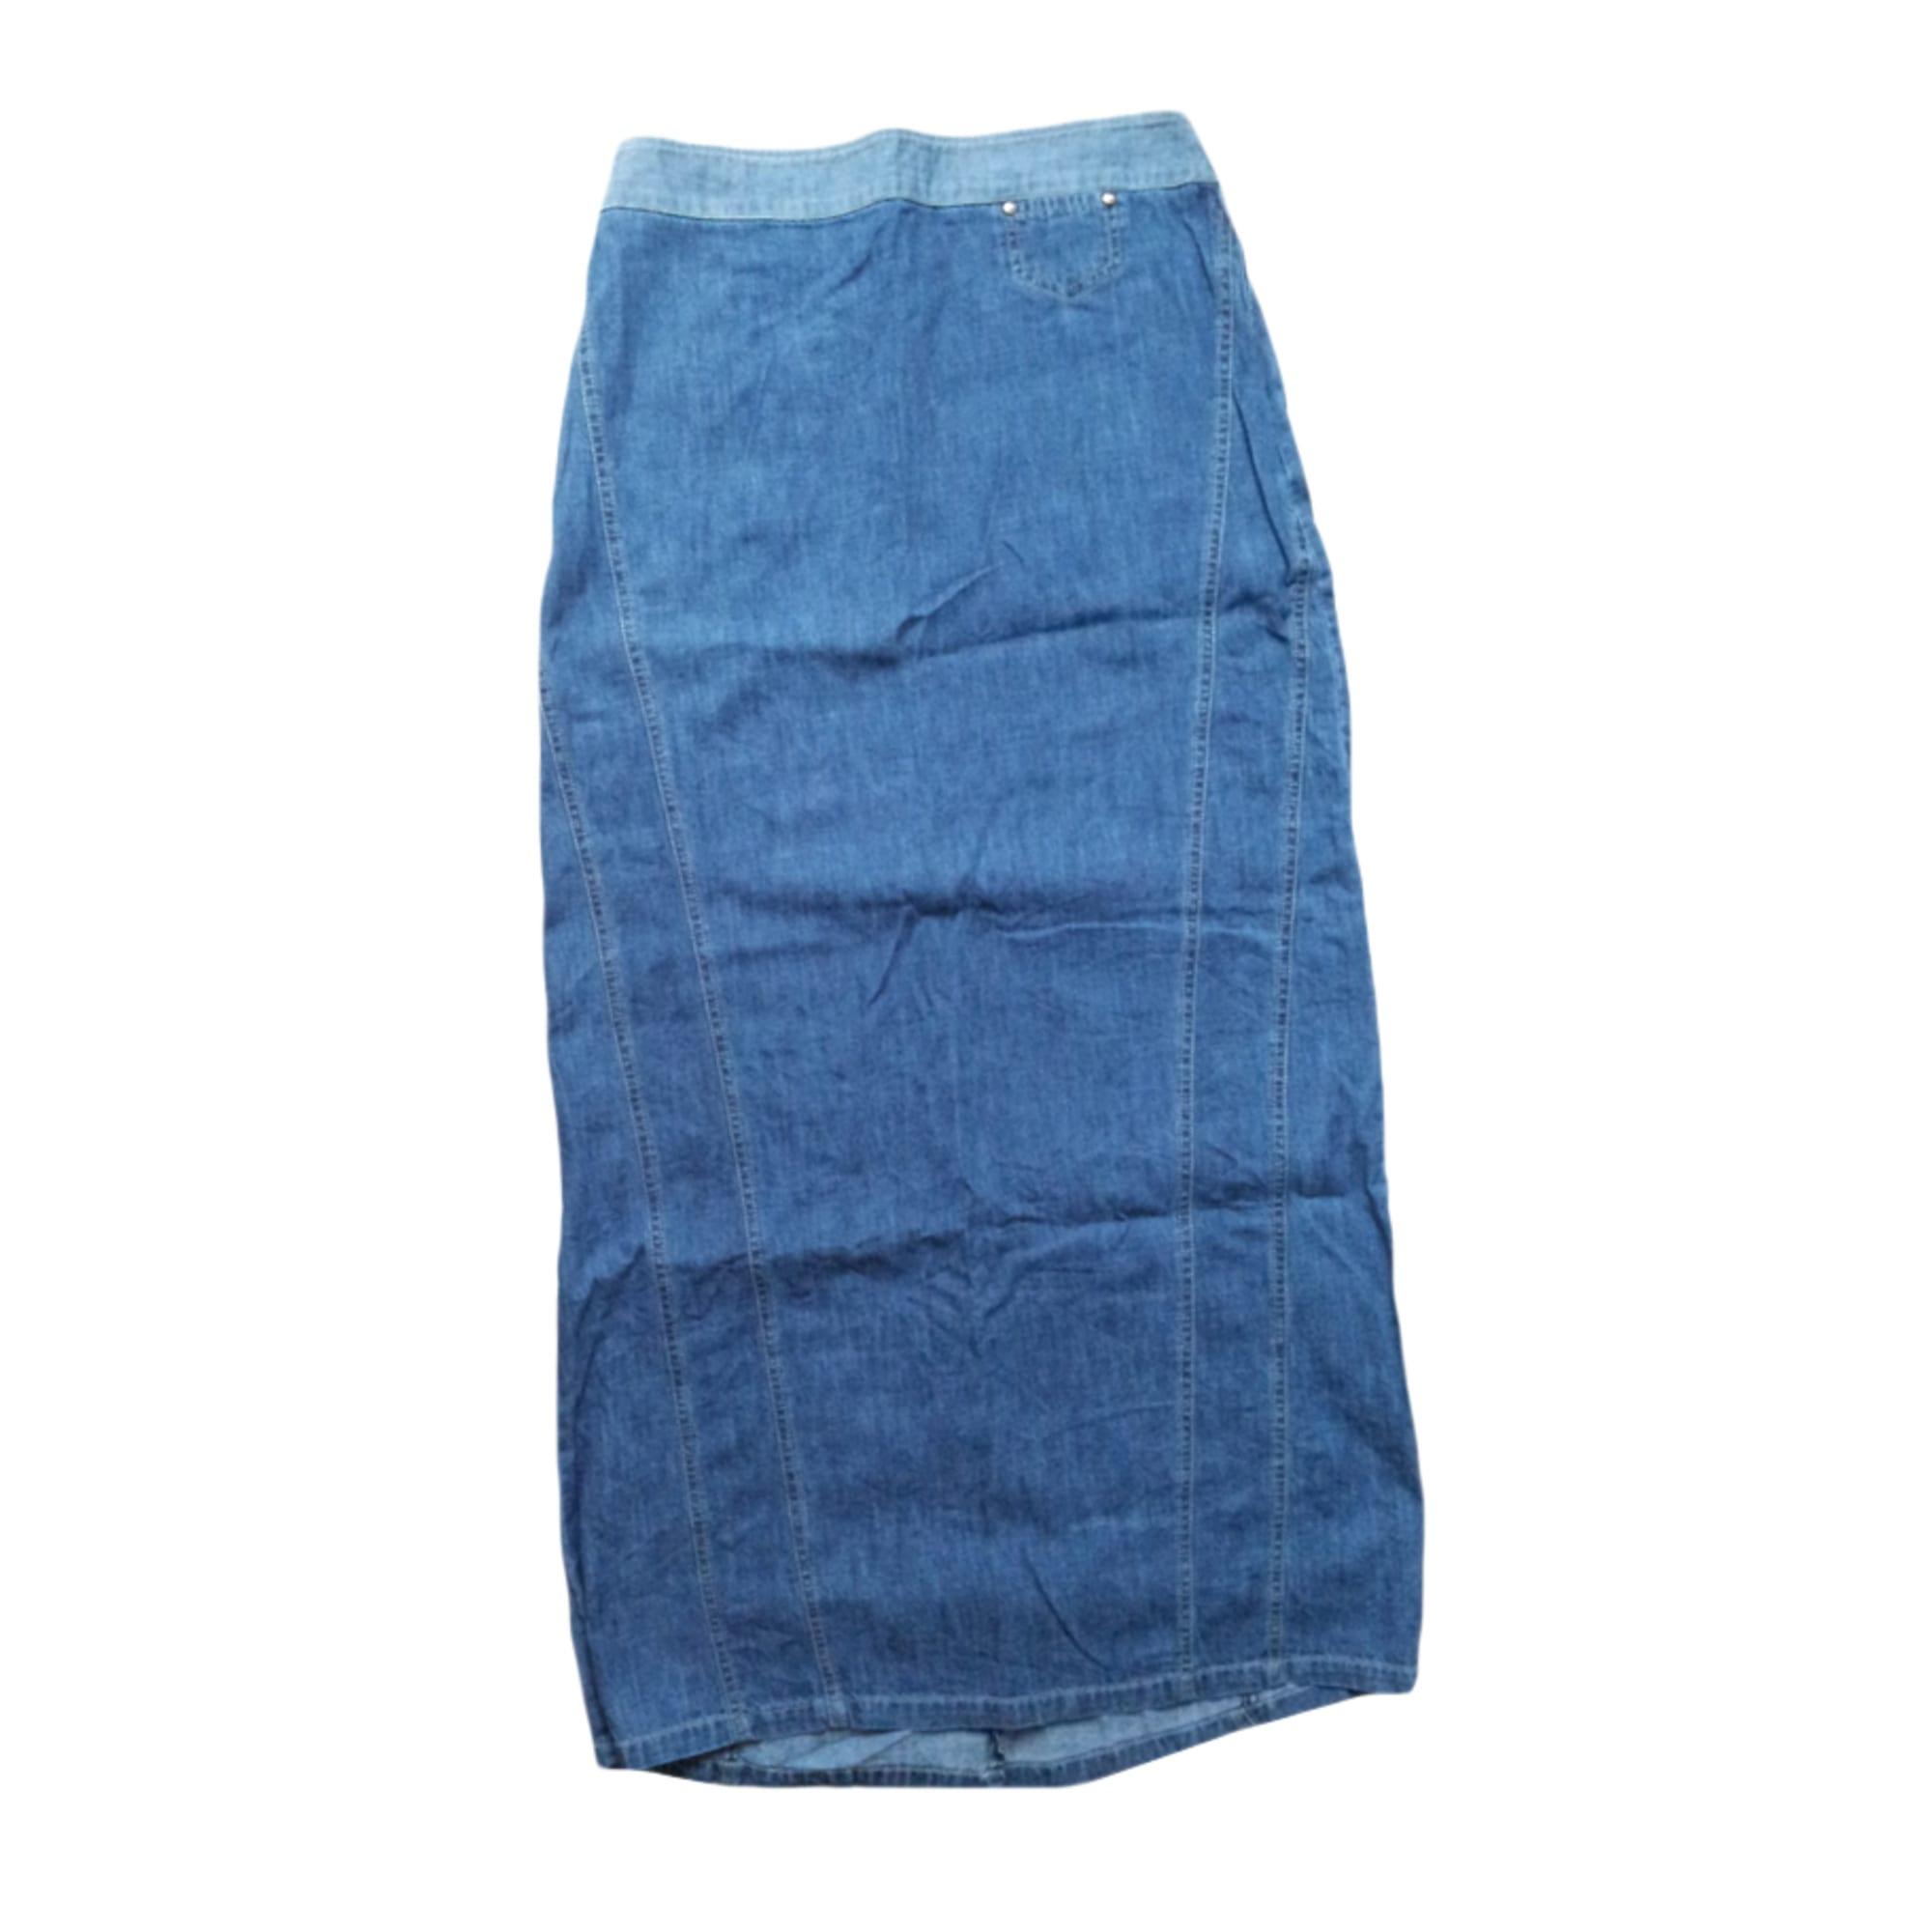 Jupe en jean ETAM Bleu, bleu marine, bleu turquoise